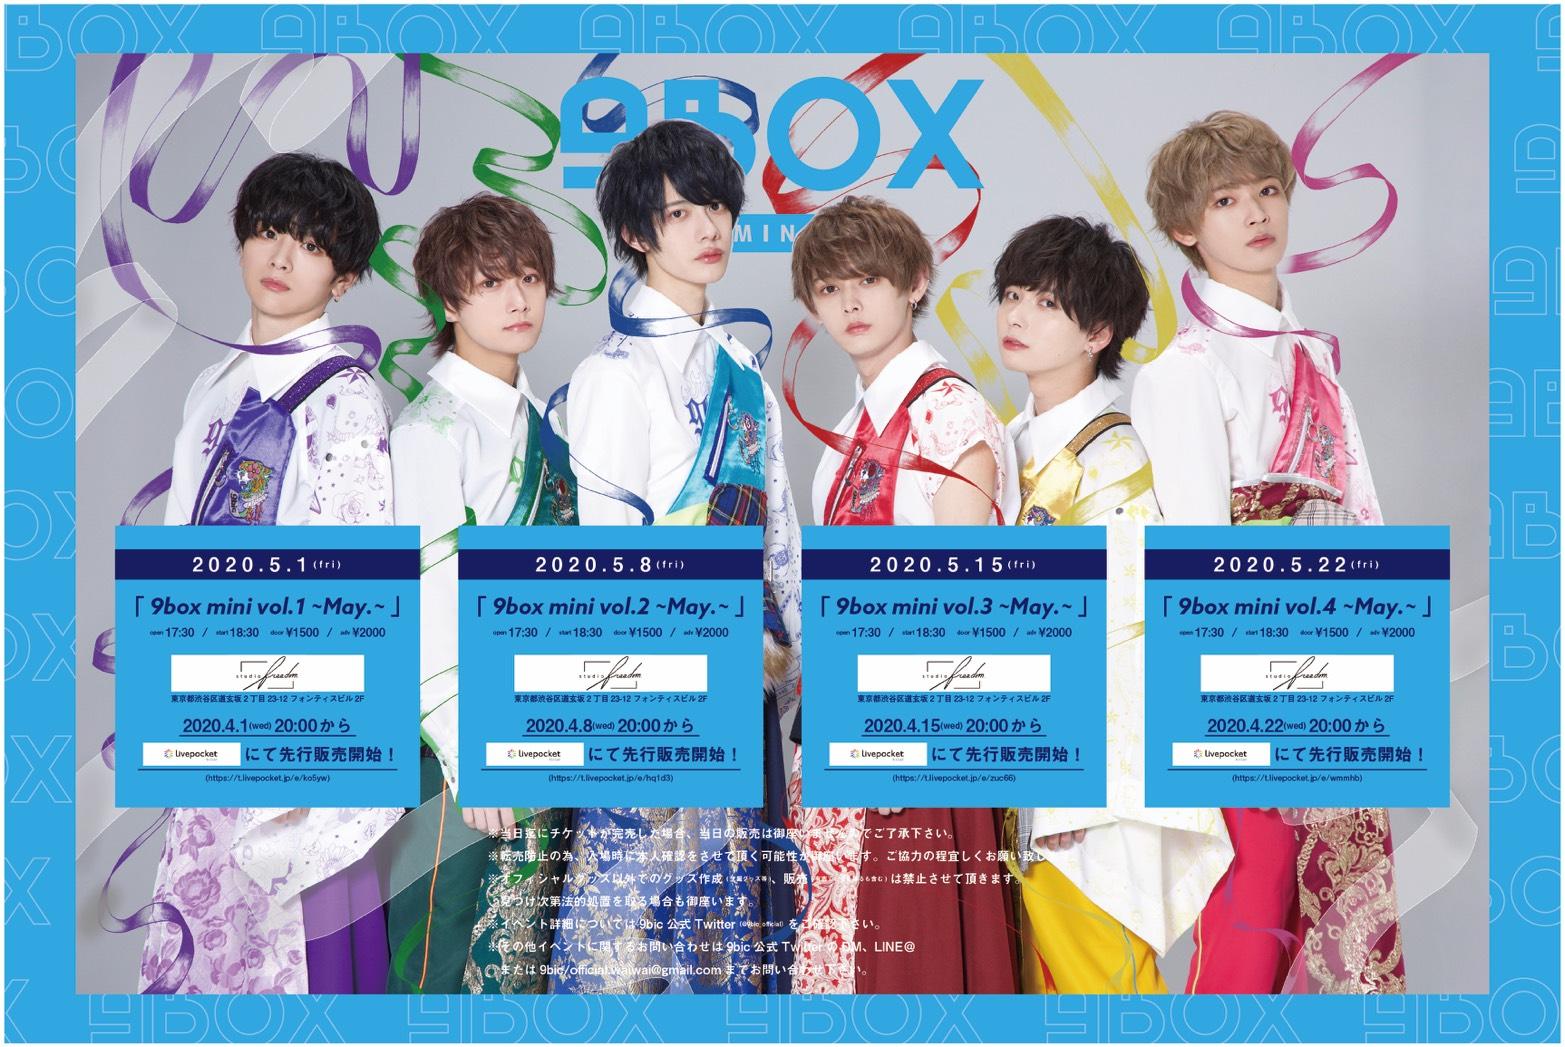 9box mini vol.2 ~May.~